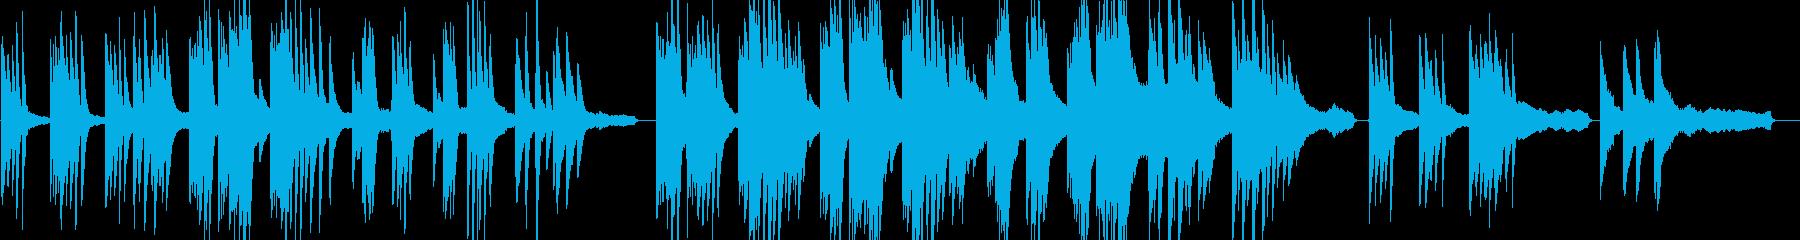 企業VP6 24bit44kHzVerの再生済みの波形